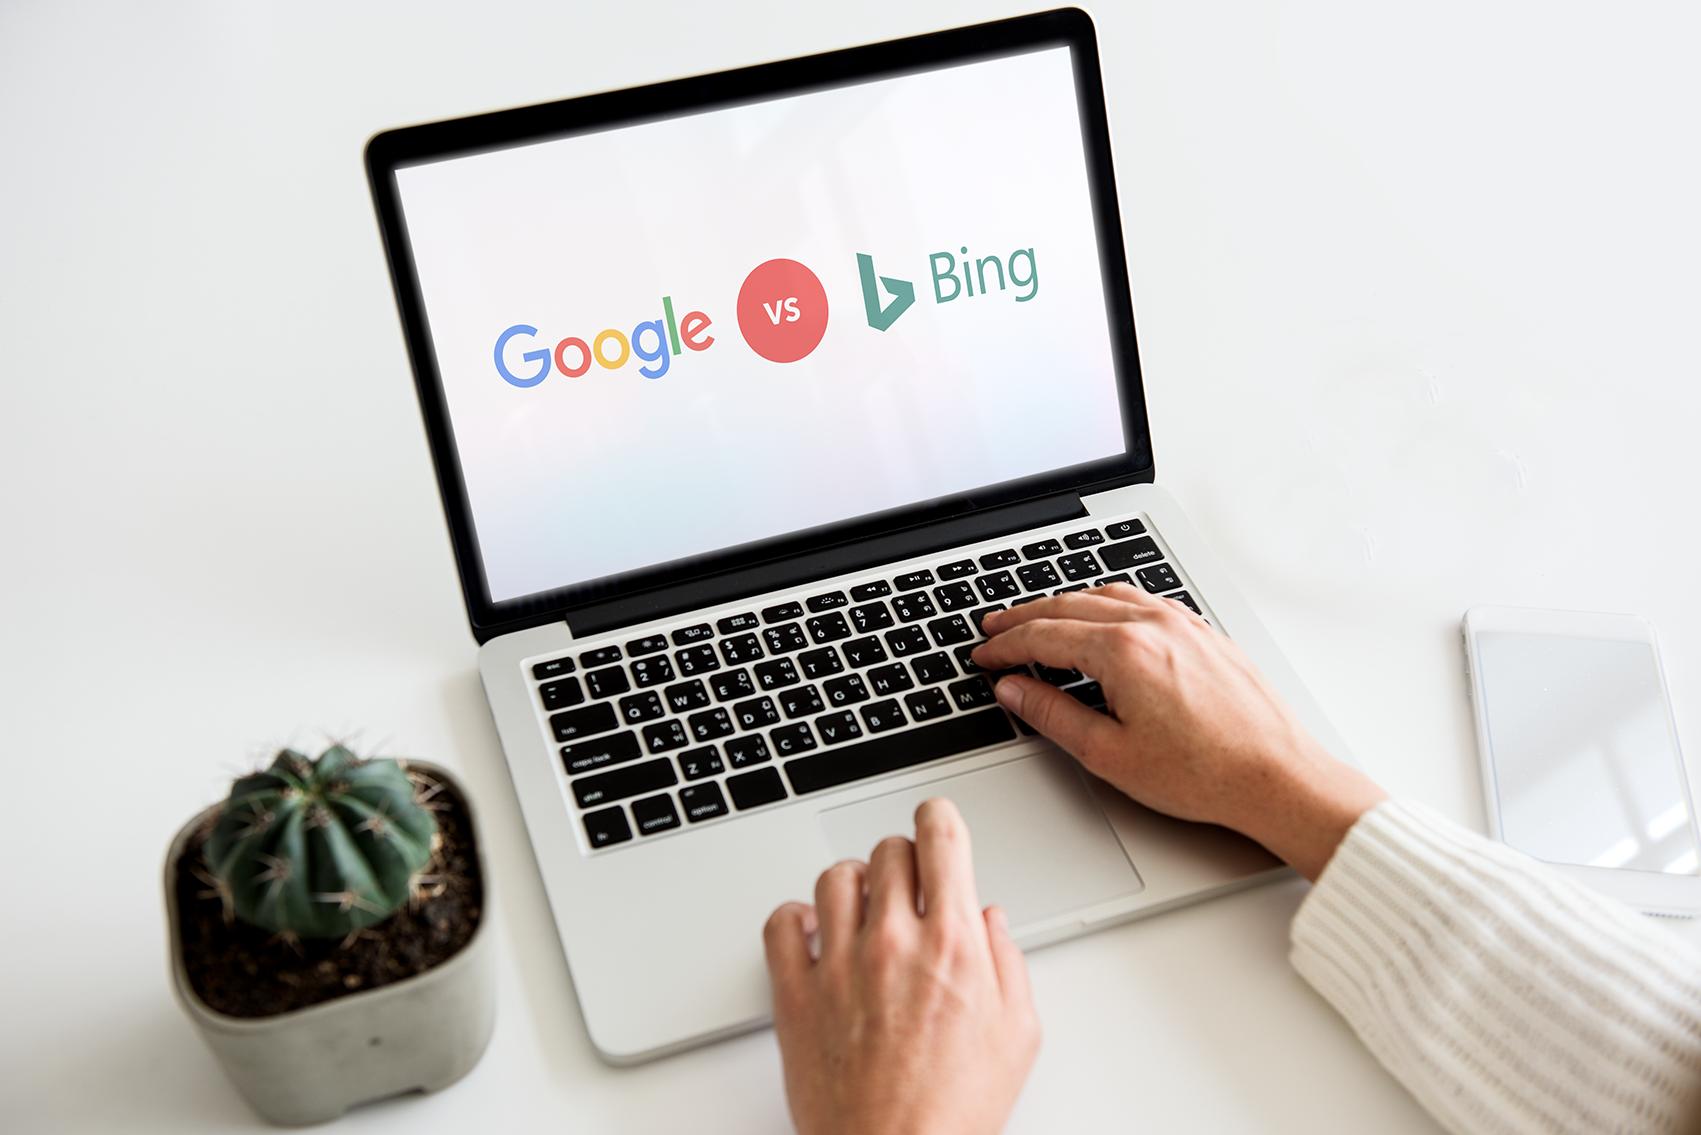 7 belangrijke verschillen tussen hoe Bing en Google werken